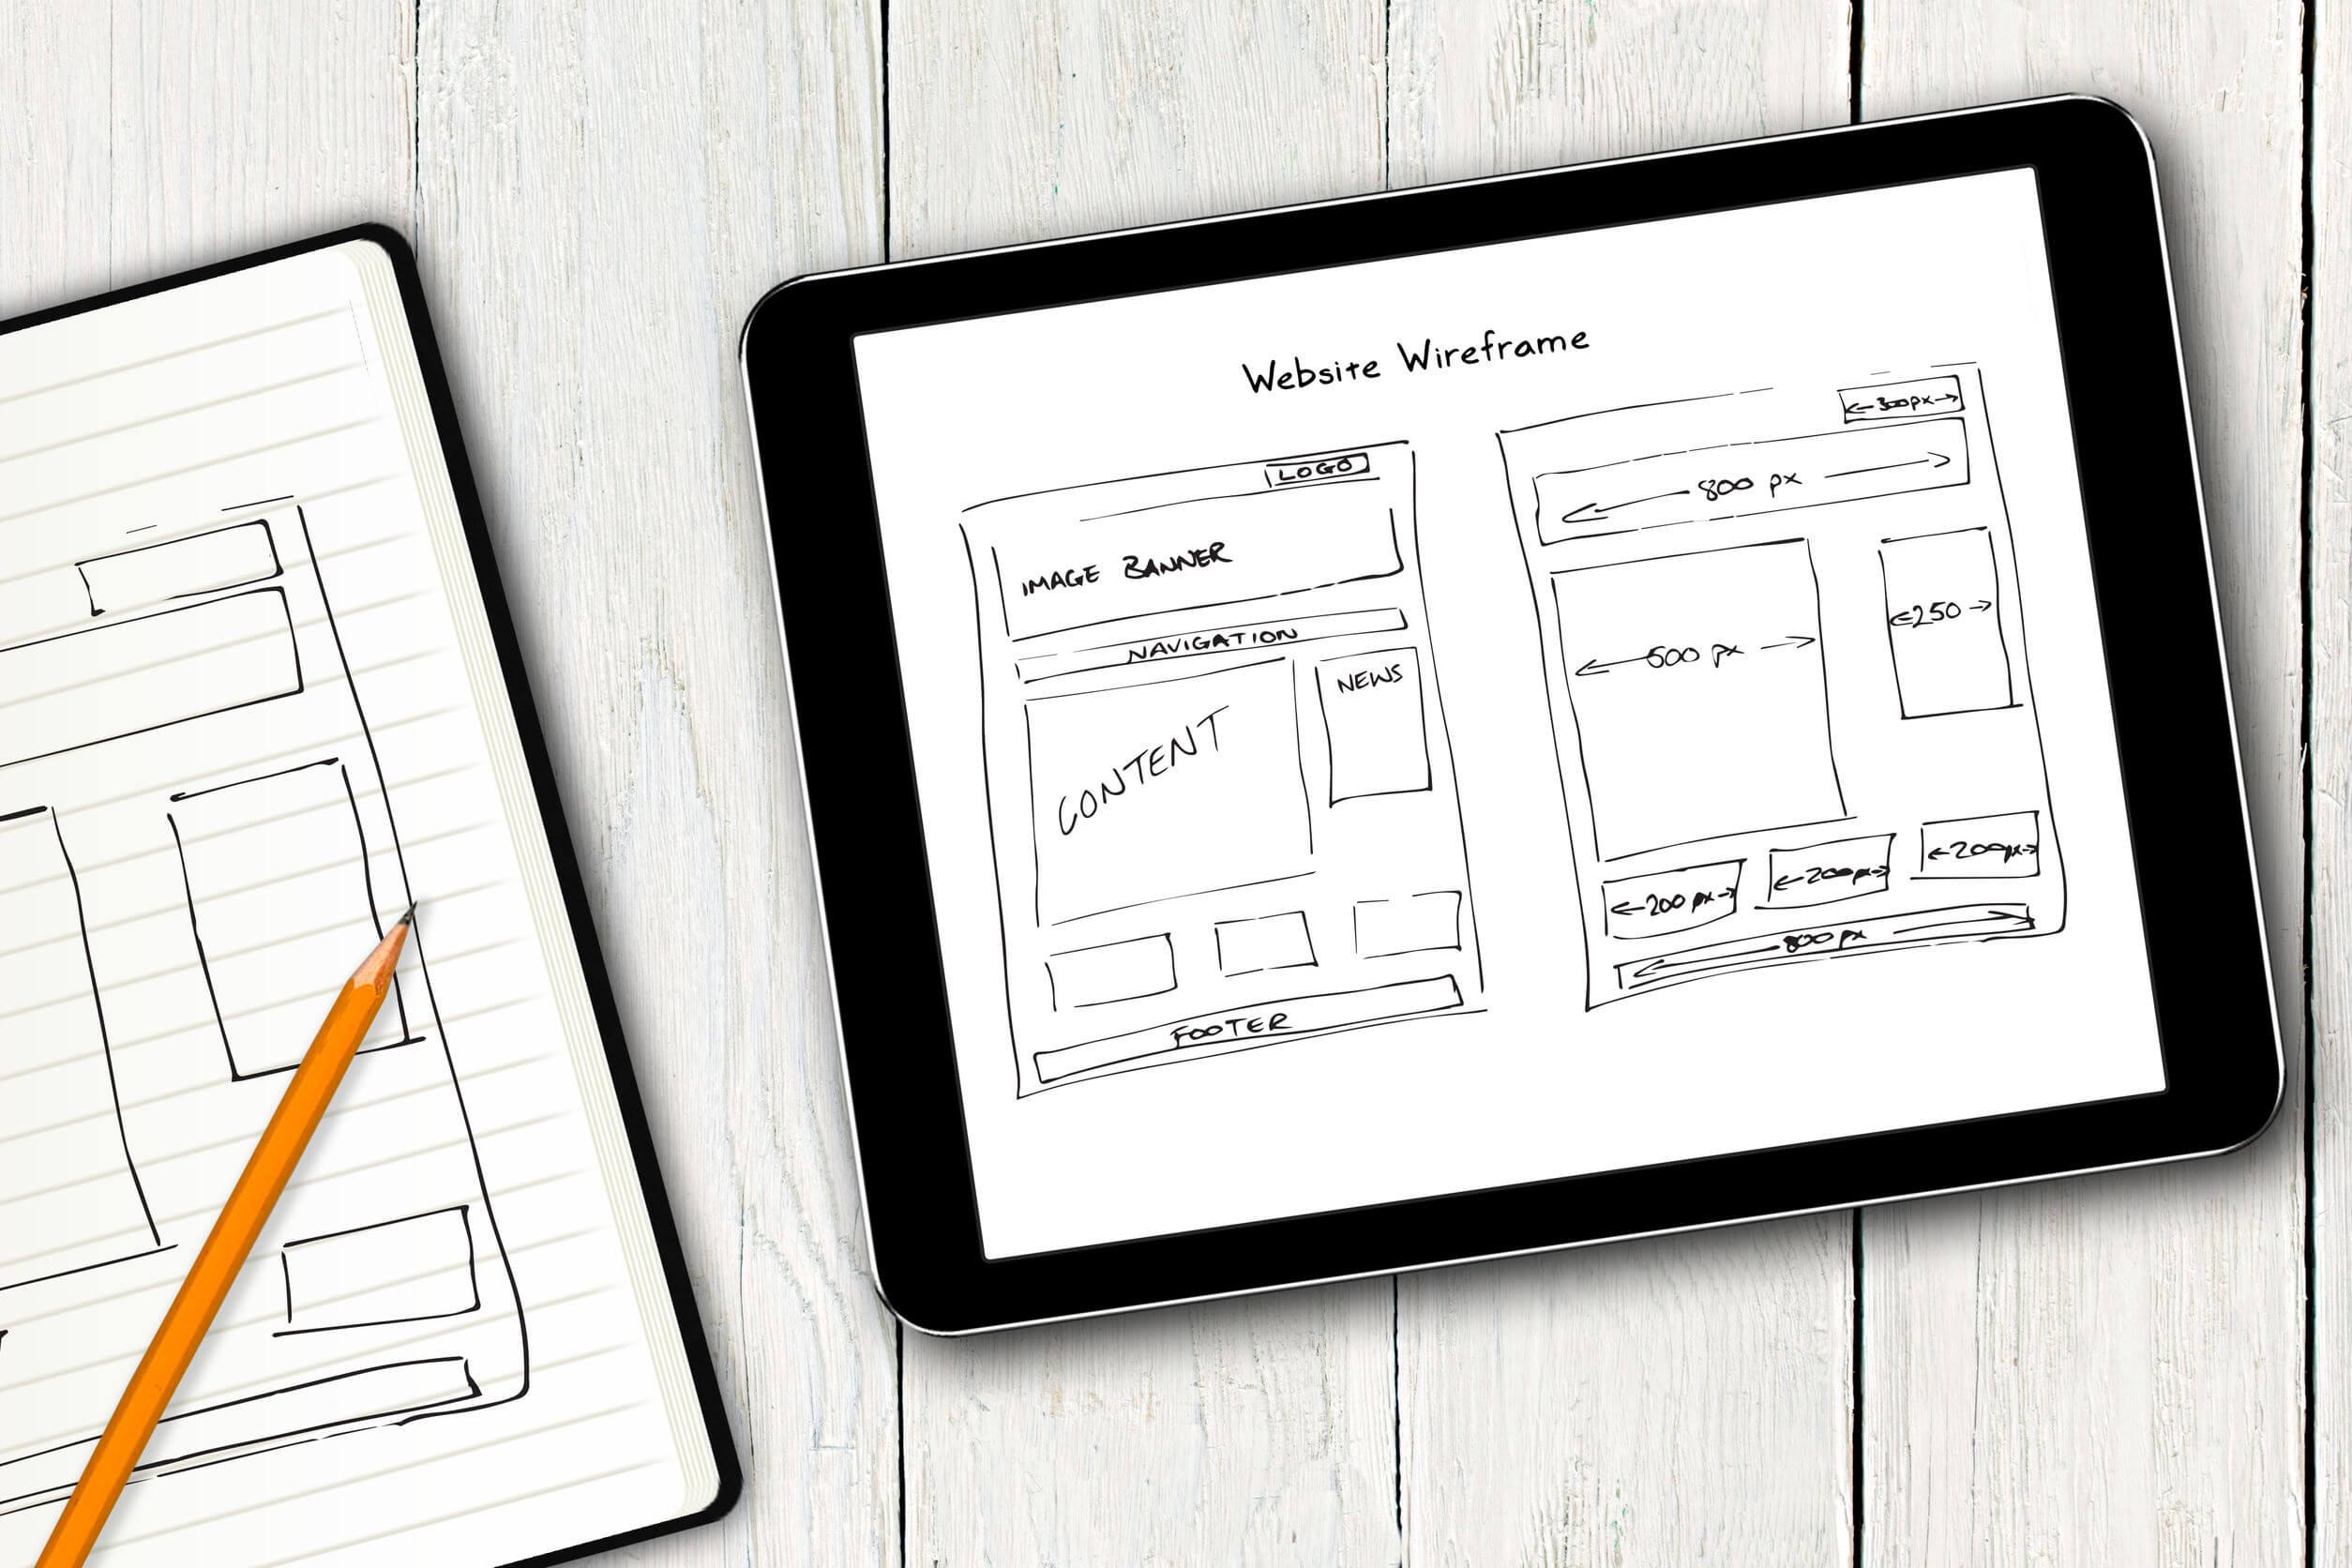 web design services san antonio tx